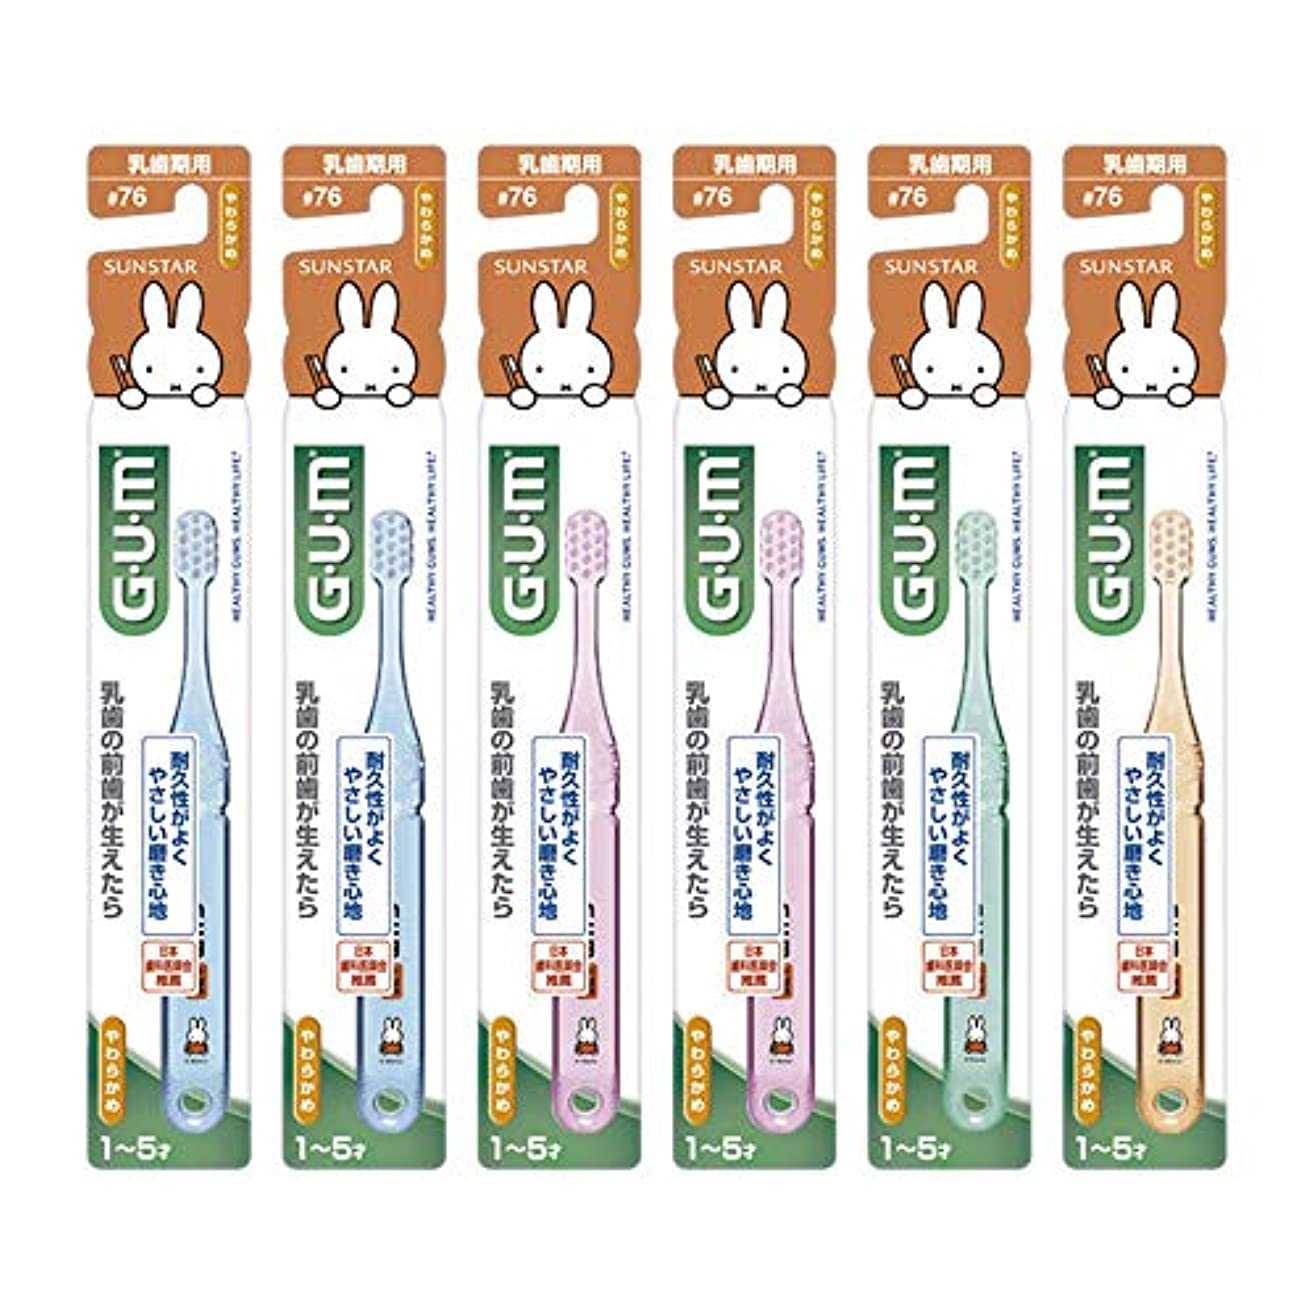 癌弁護人飽和するGUM(ガム) デンタル こども 歯ブラシ #76 [乳歯期用 / やわらかめ] 6本パック+ おまけつき【Amazon.co.jp限定】